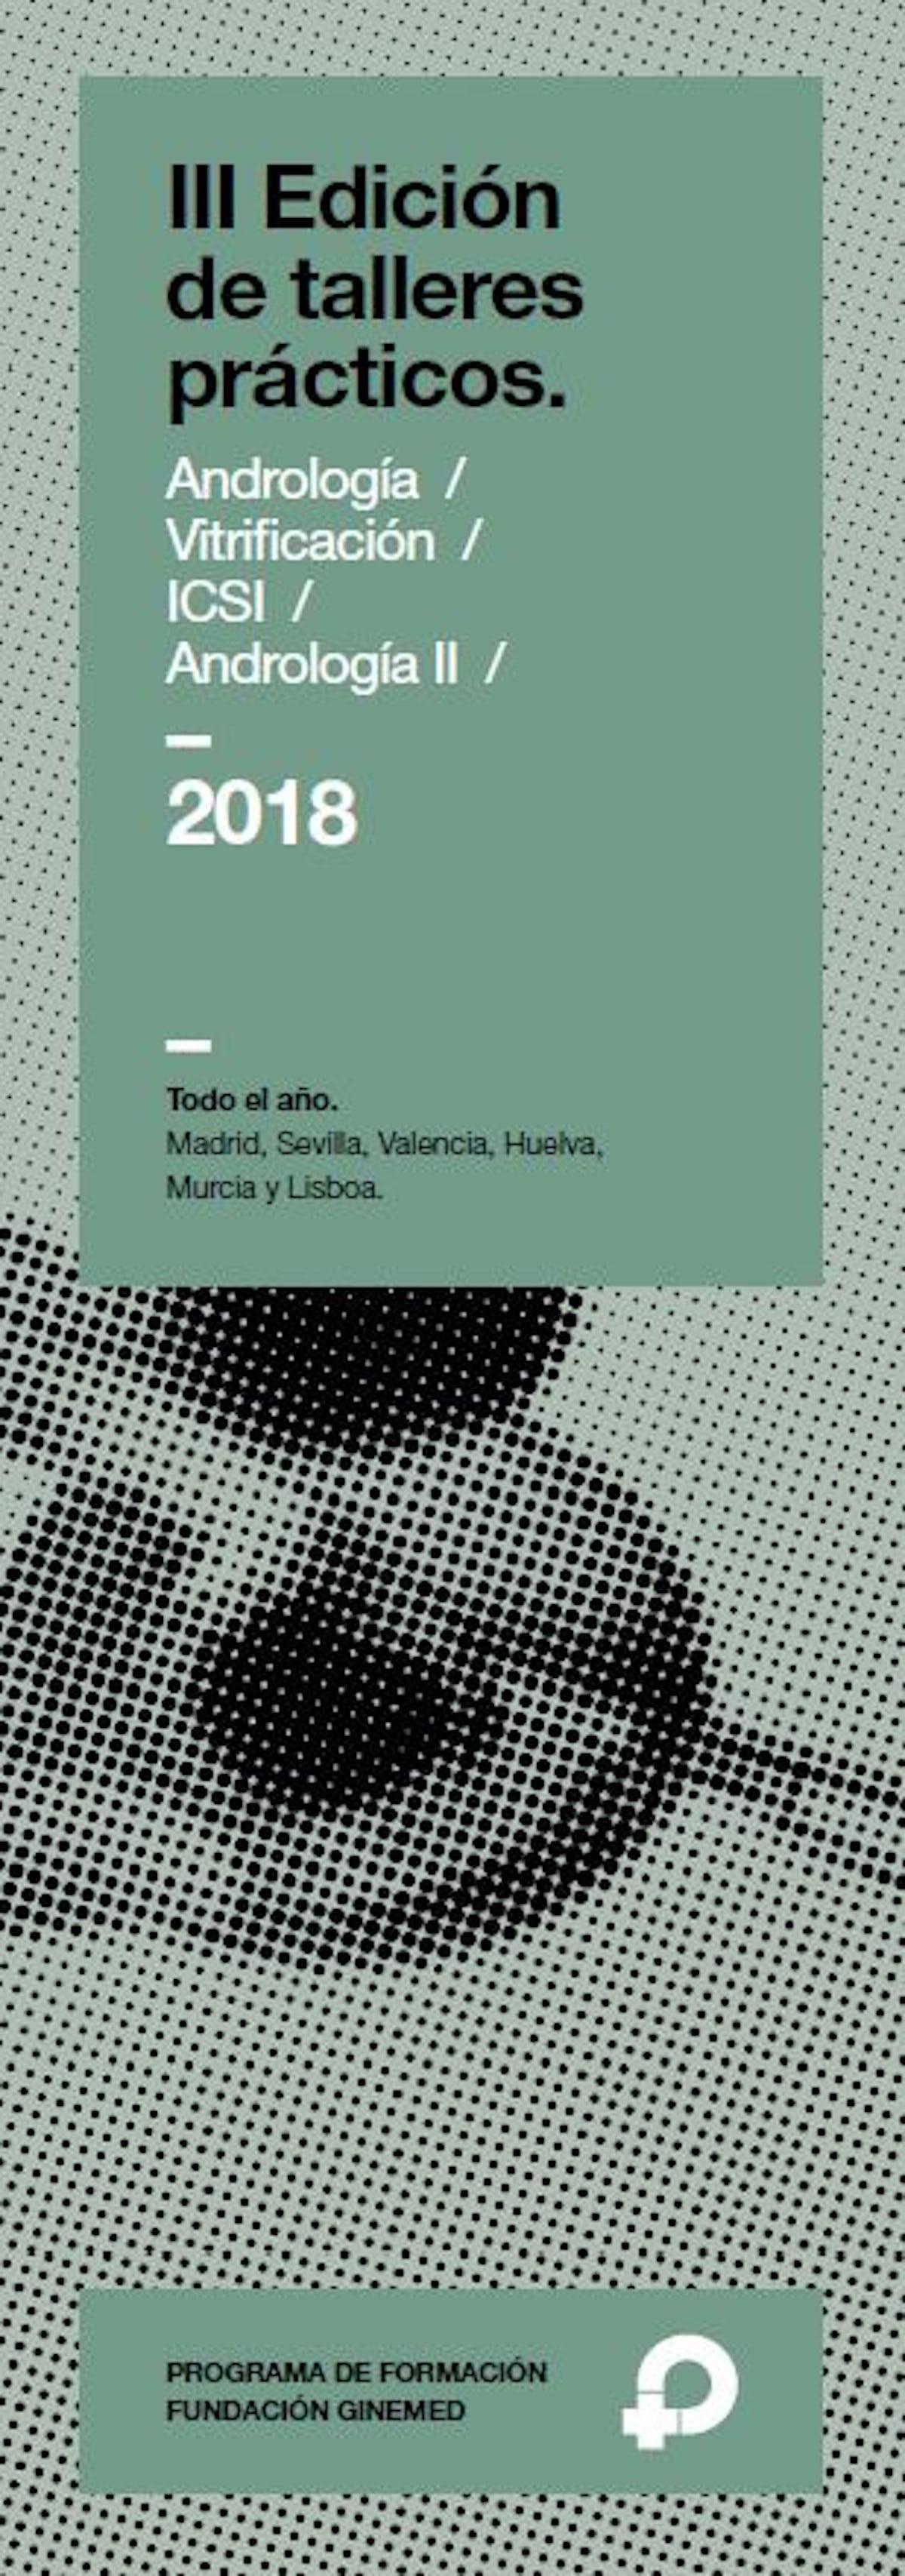 Cartel III Edición de talleres prácticos. Andrología, vitrificación, ICSI y Andrología II